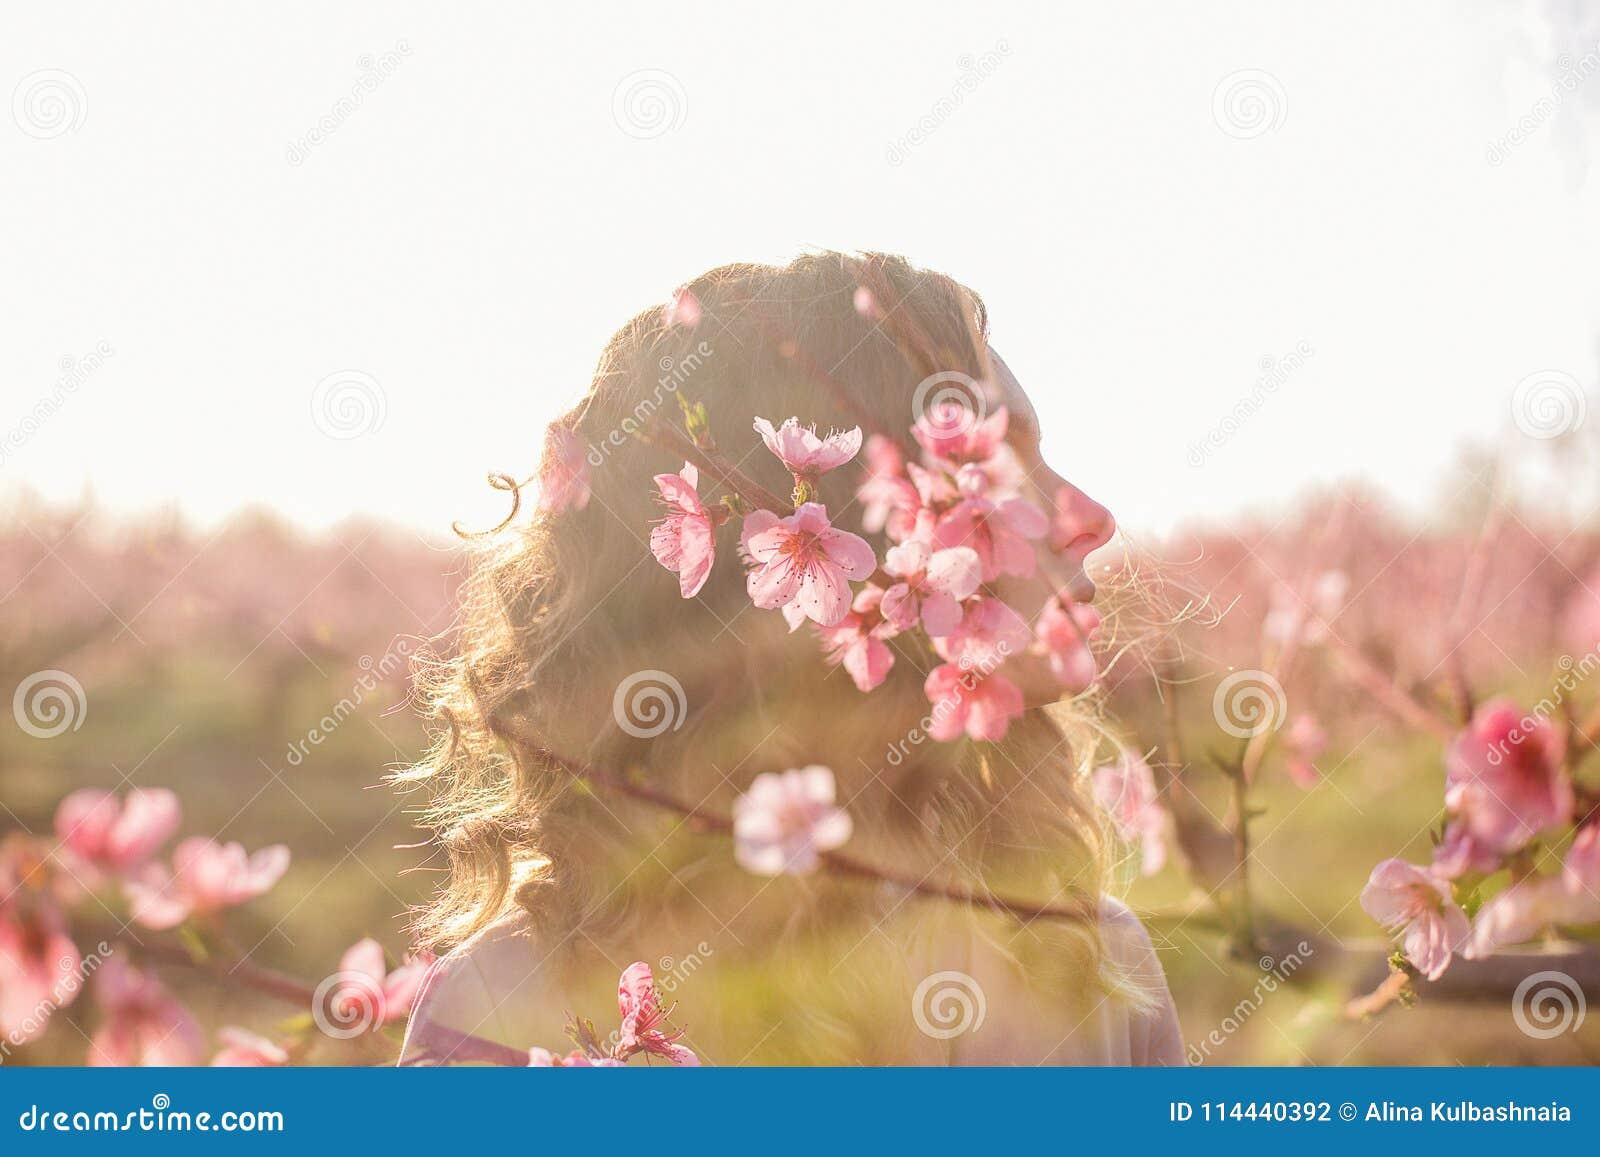 Multi-exposure flower girl.